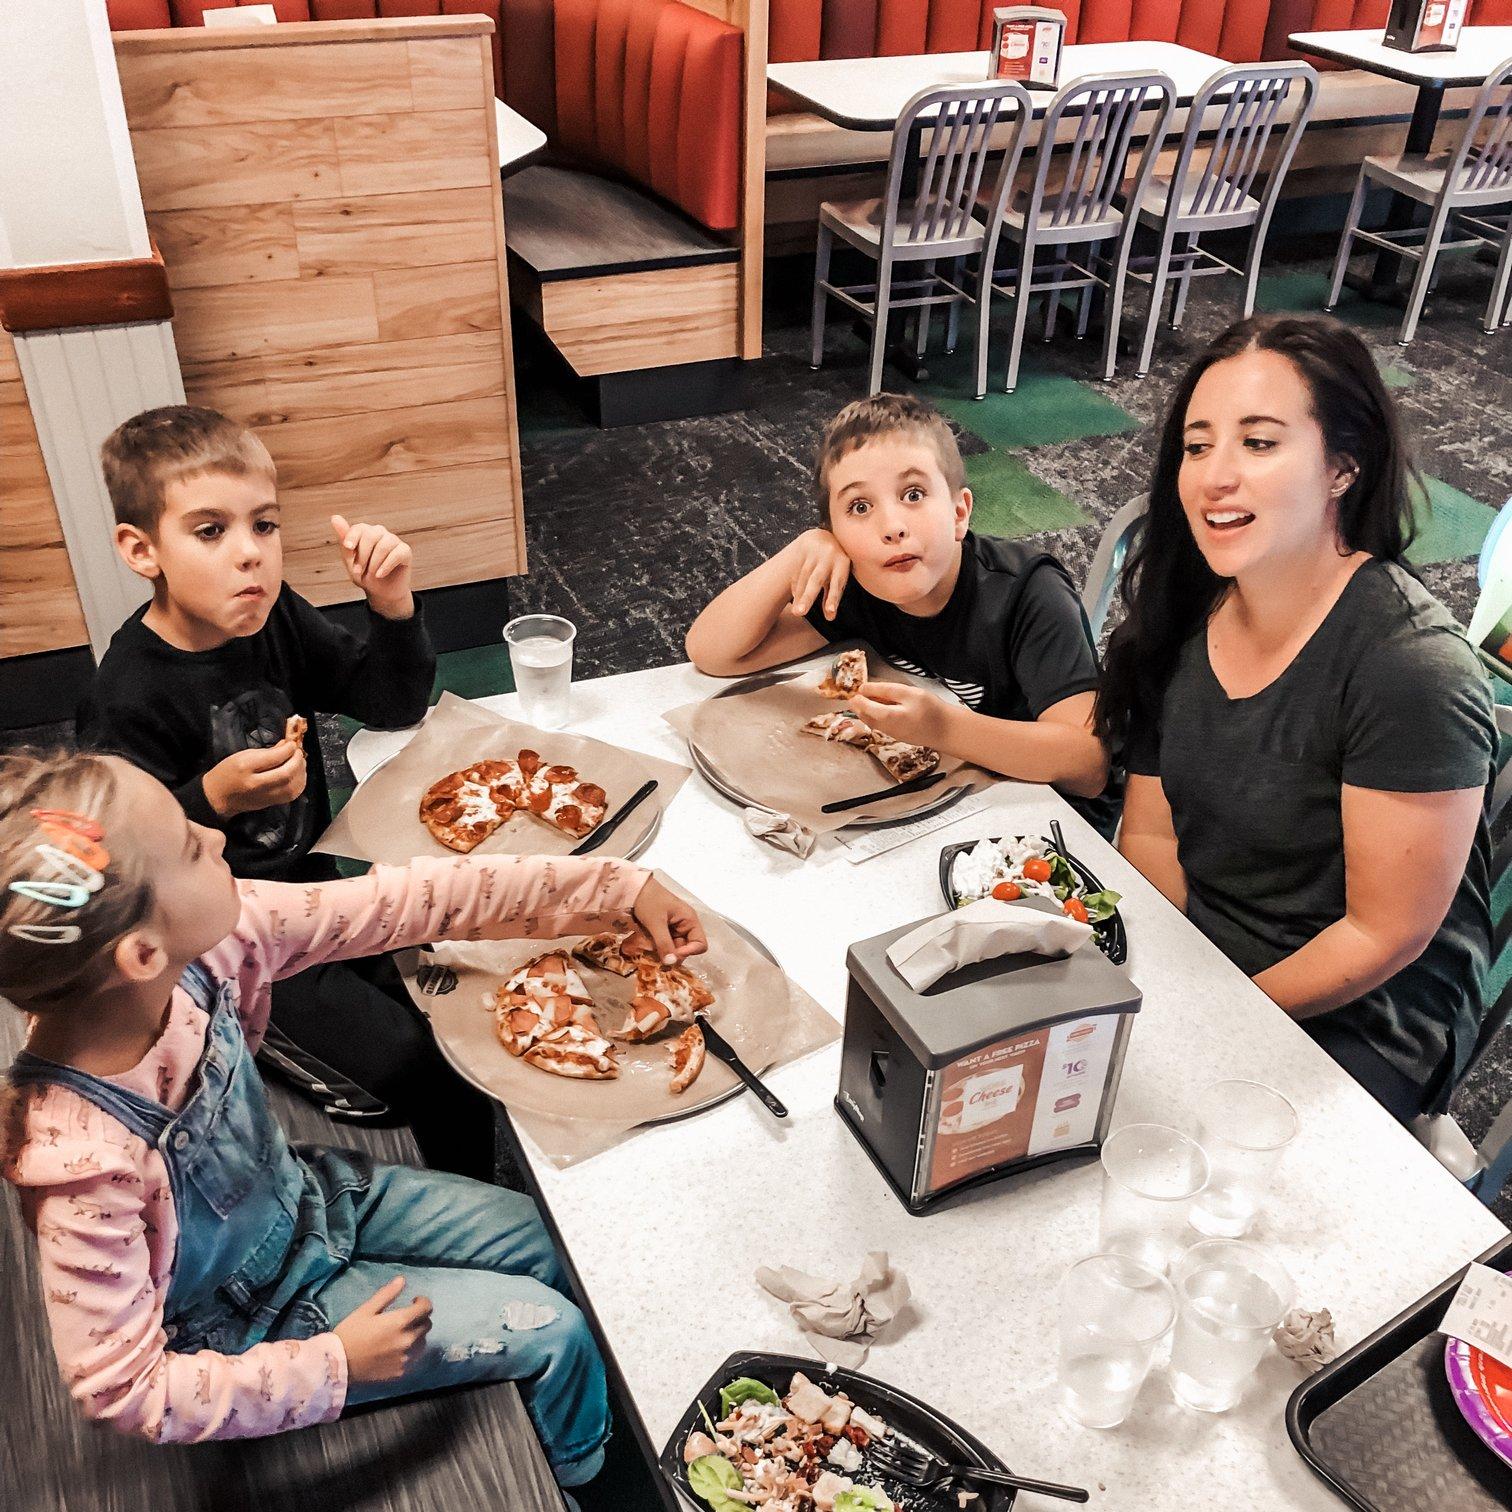 family fun at Chuck E. Cheese (@lifeasaloewen)